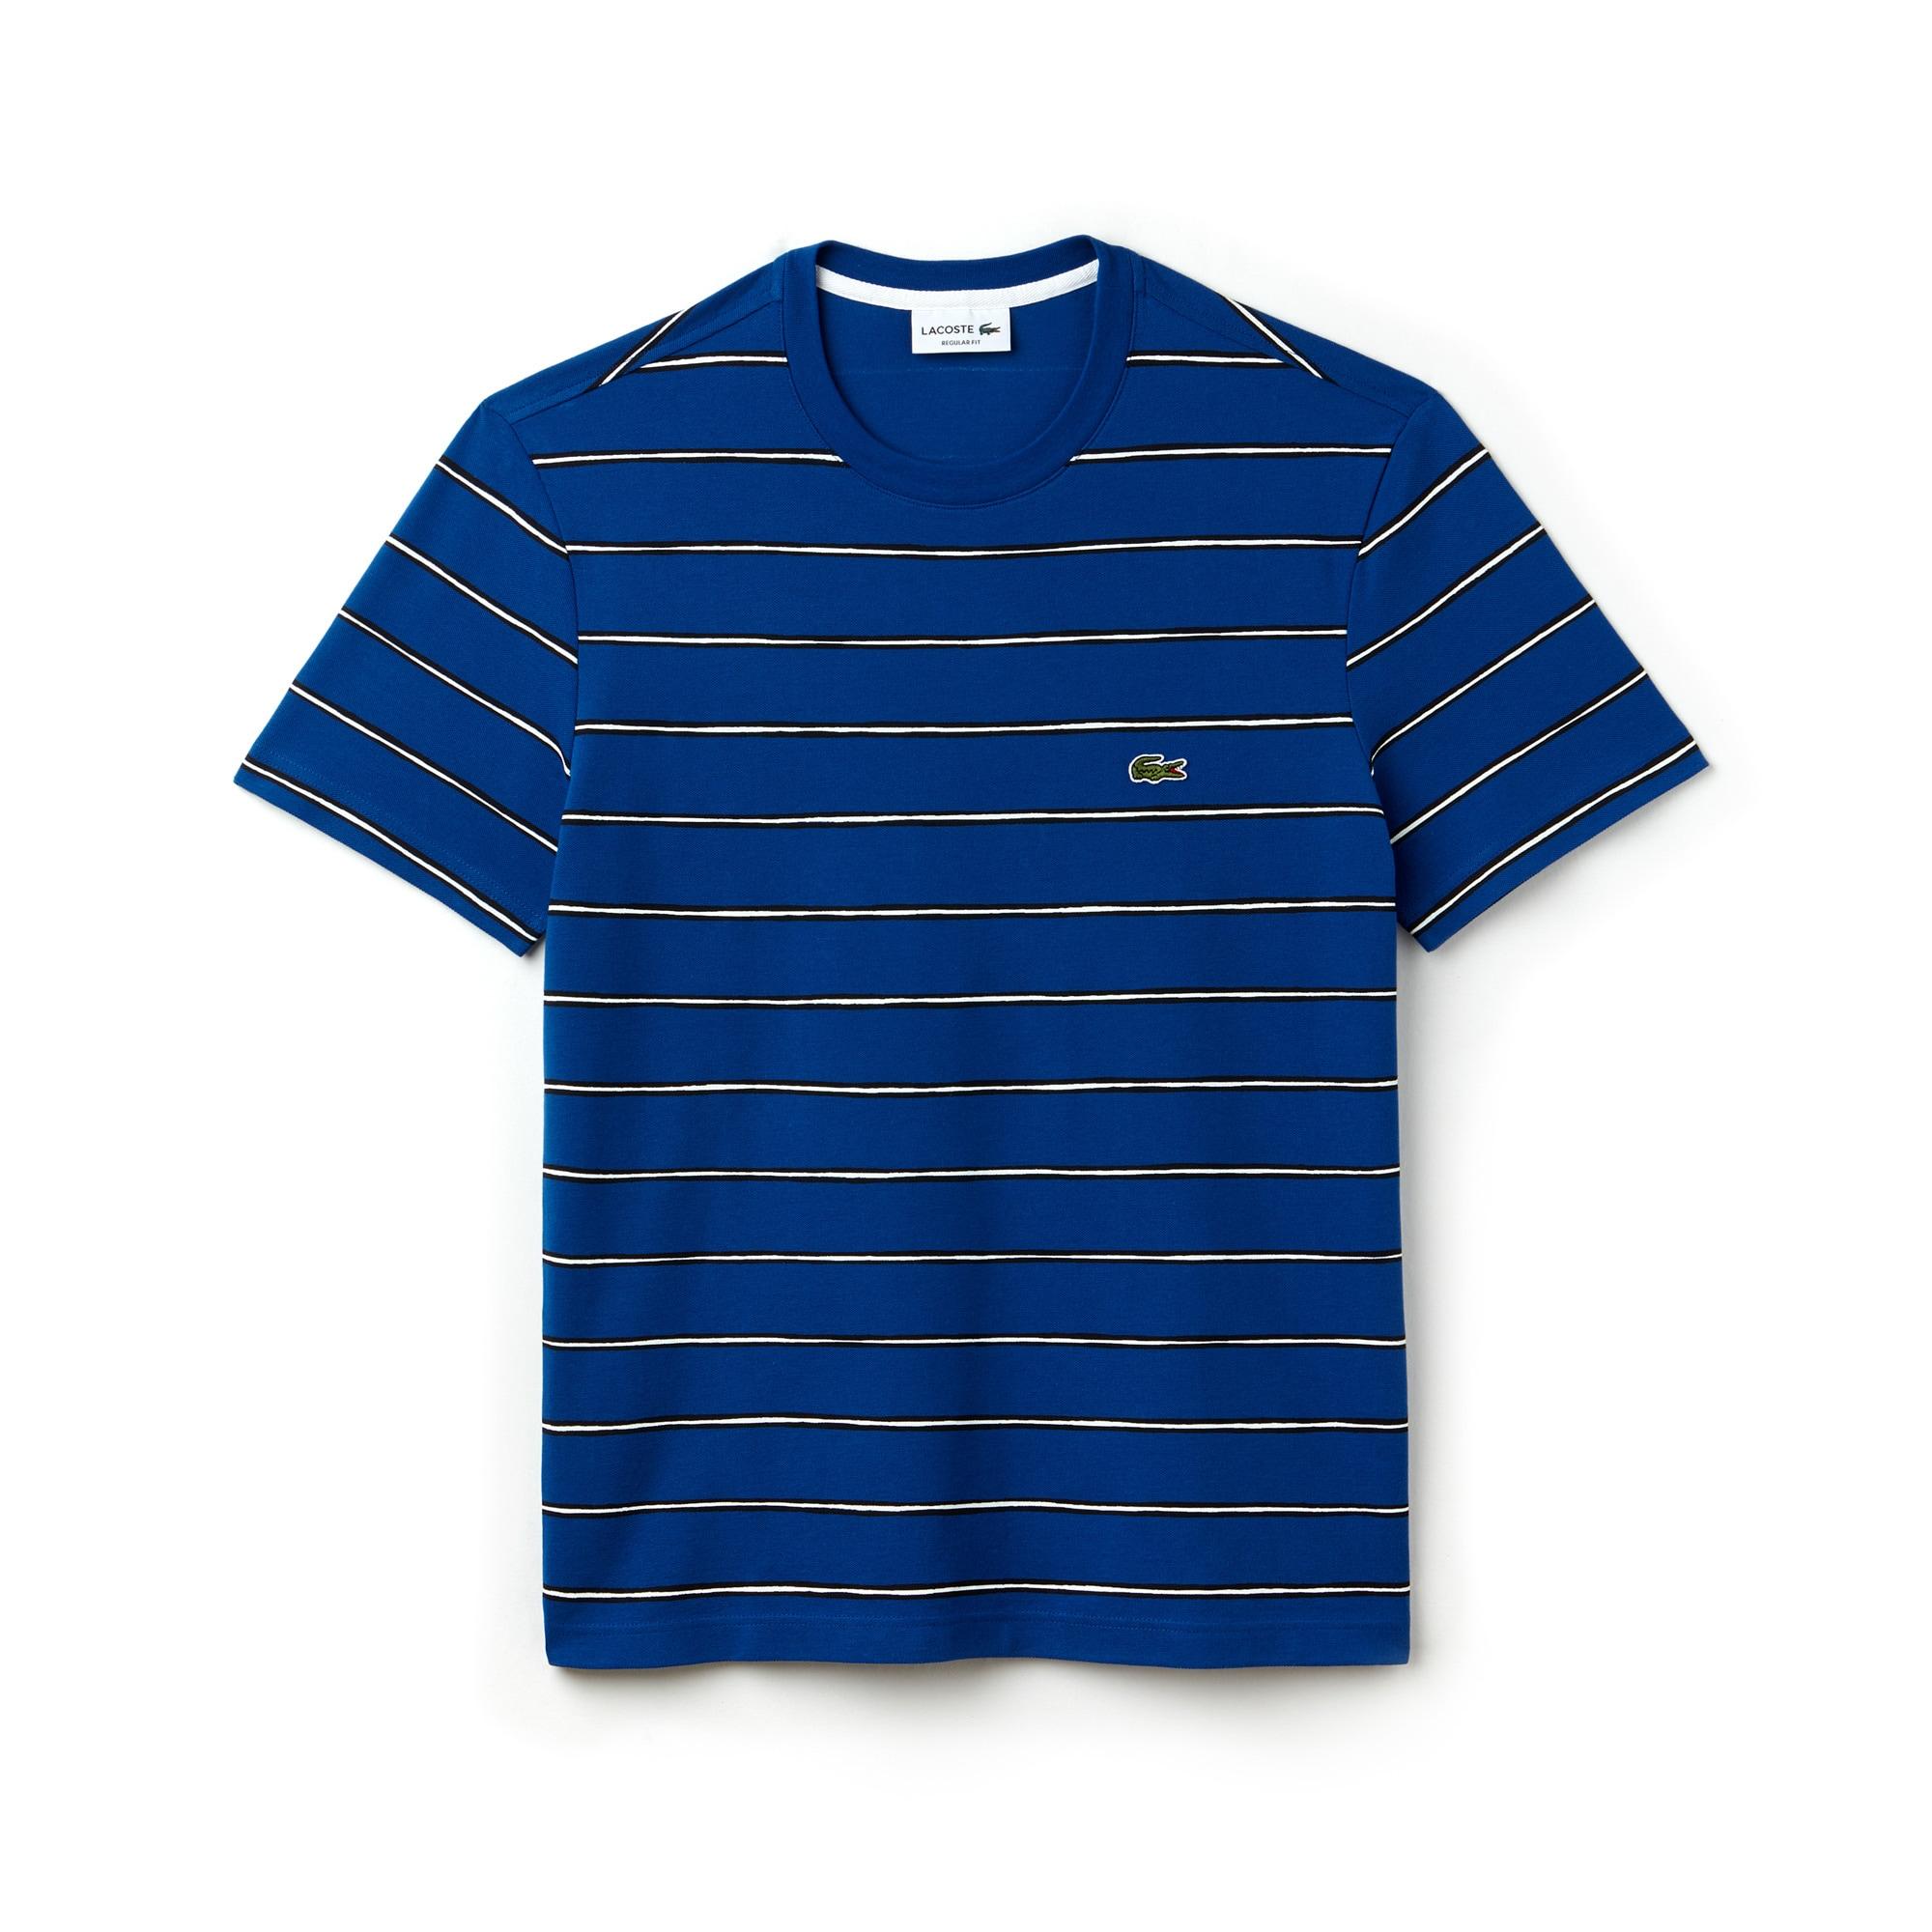 Herren Rundhals T-Shirt mit Aufdruck im Streifendesign